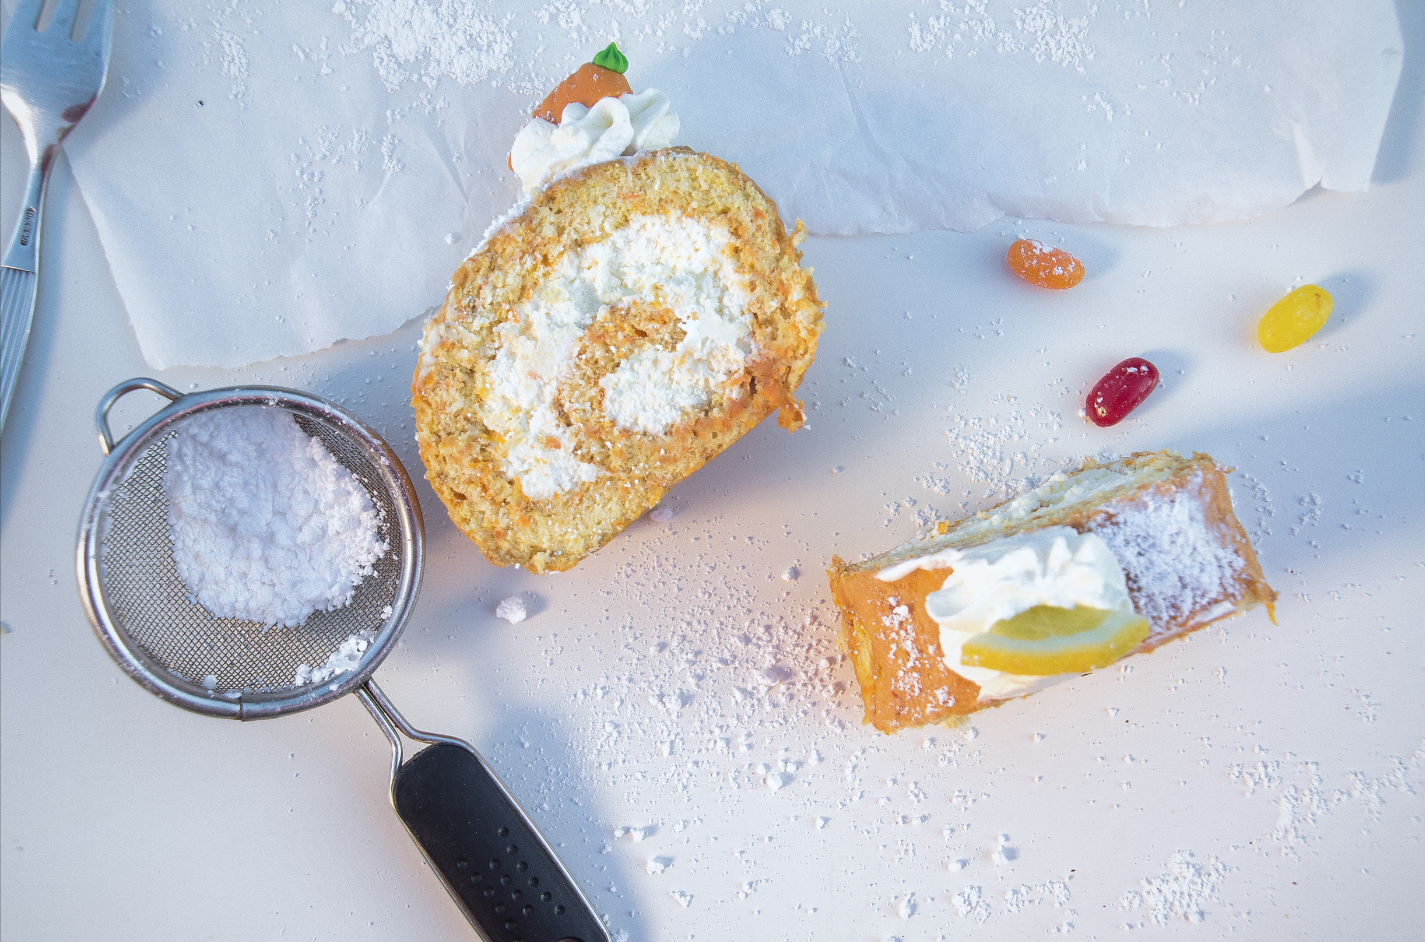 Möhren-Bisquitrolle mit Frischkäse-Sahne-Füllung